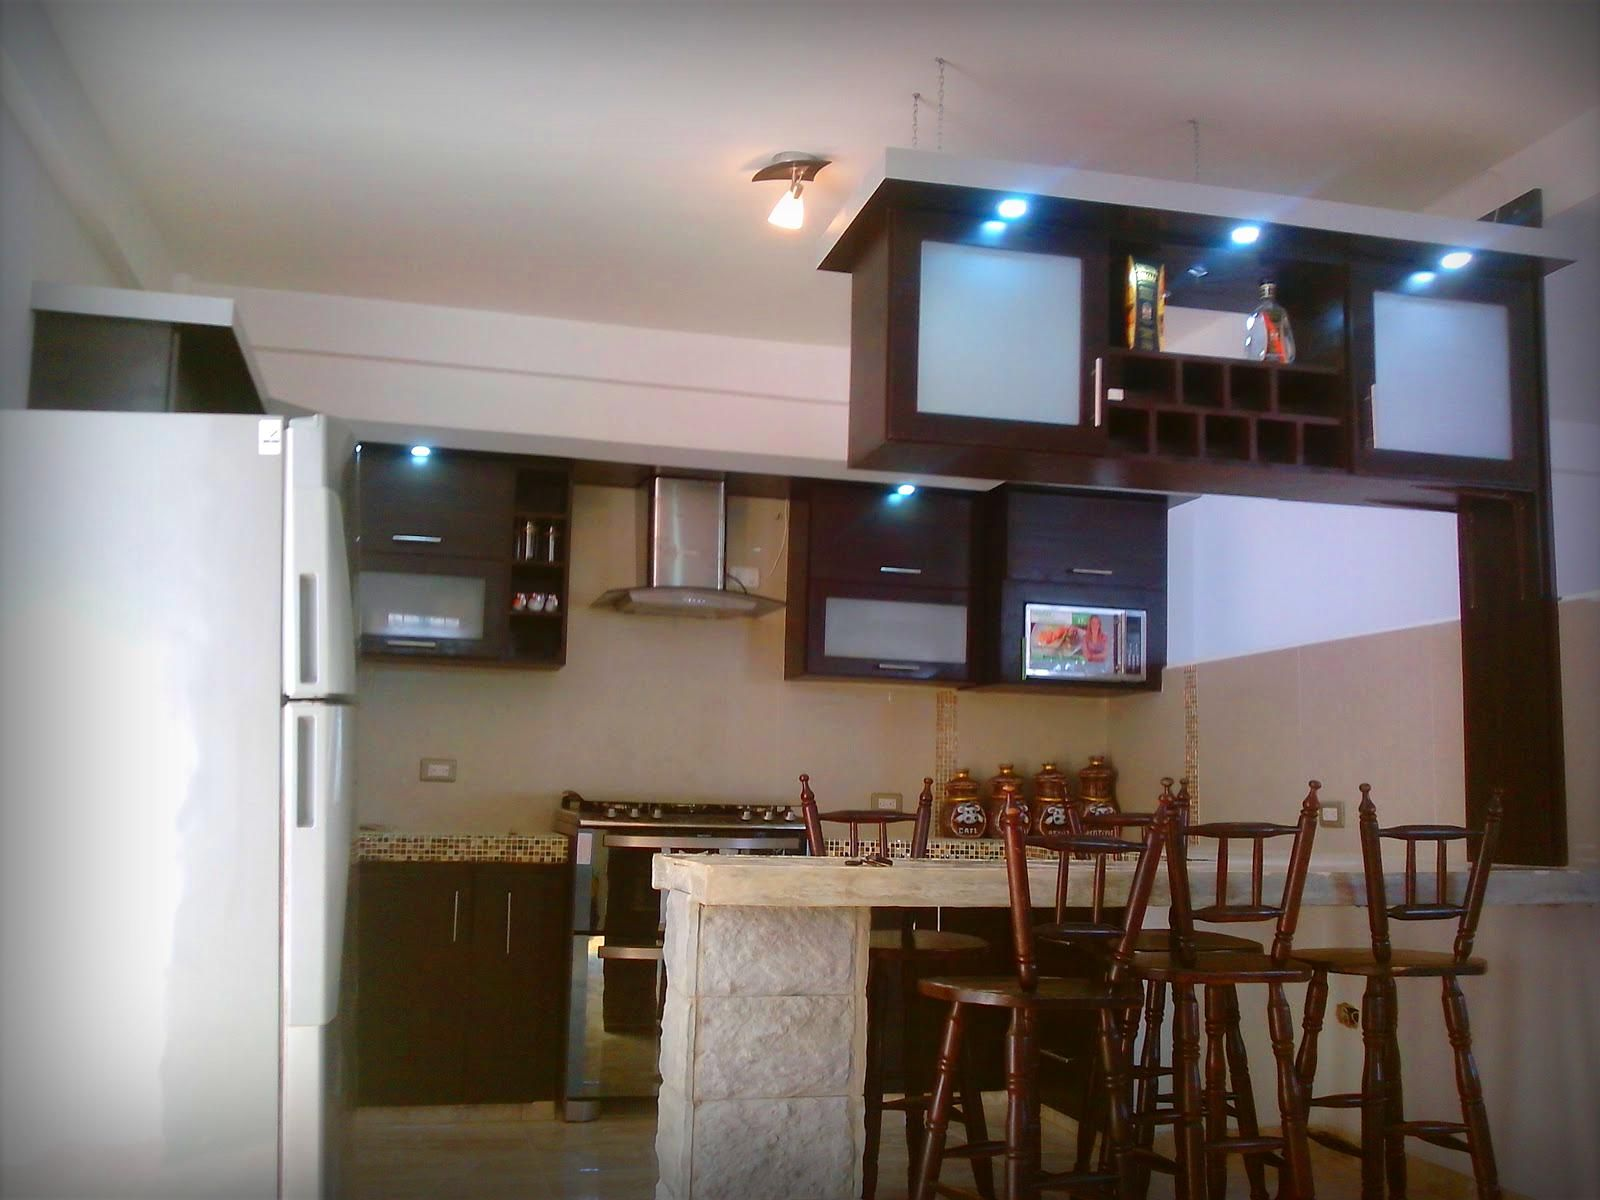 Vinera personalizada para tu mueble de cocina vineras for Mueble de cocina